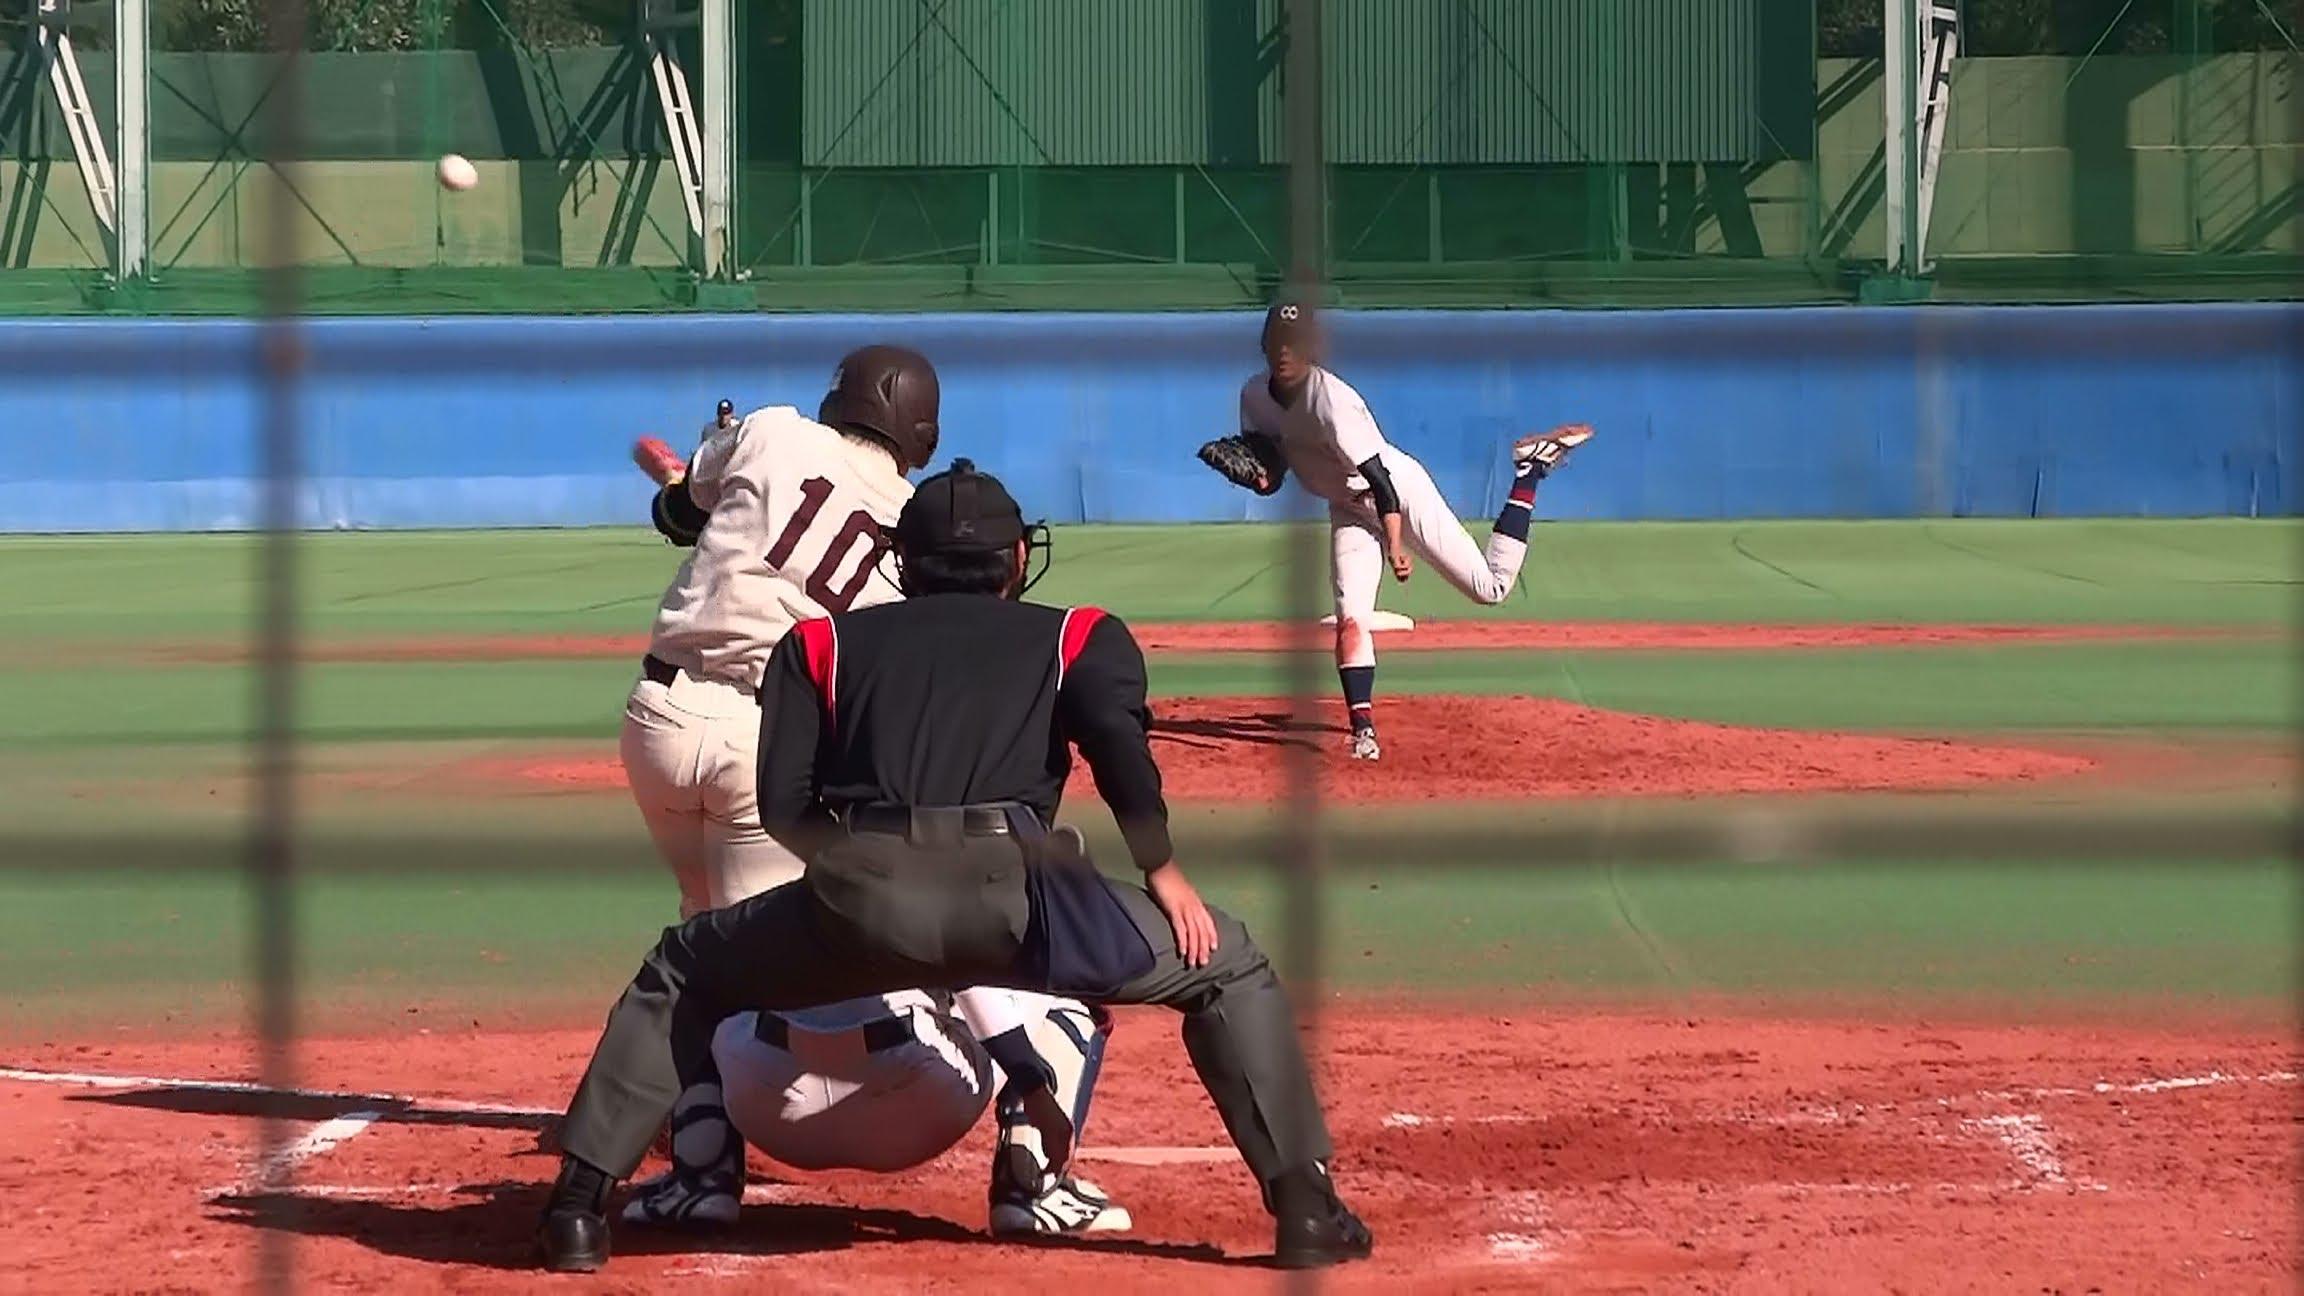 梅野隆太郎(阪神タイガース)福岡大学